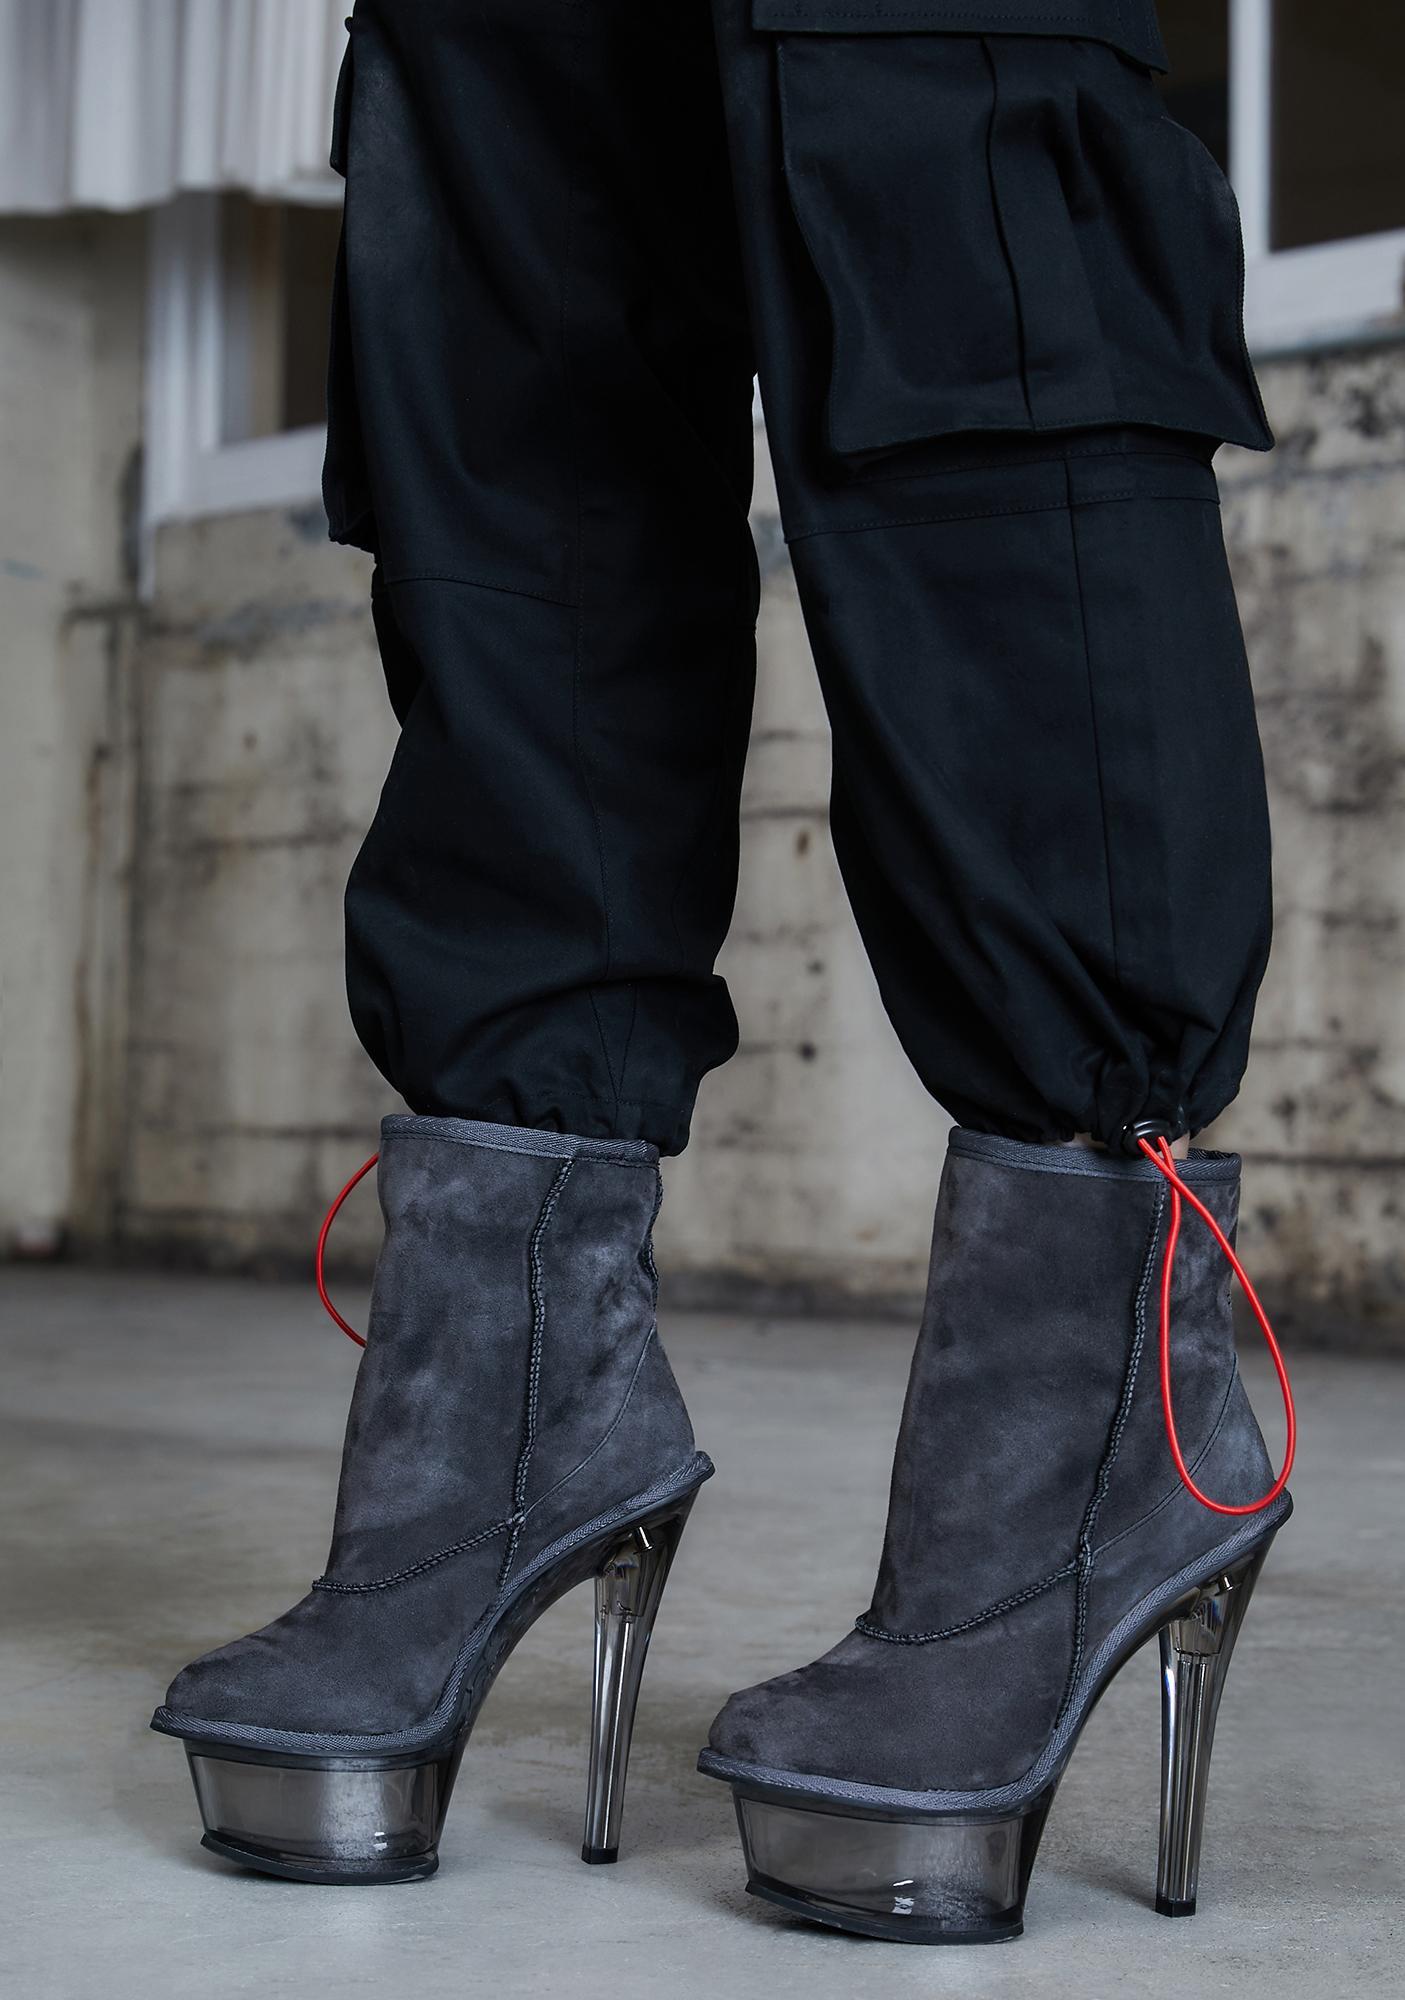 DARKER WAVS Kickdrum Suede Clear Platform Boots